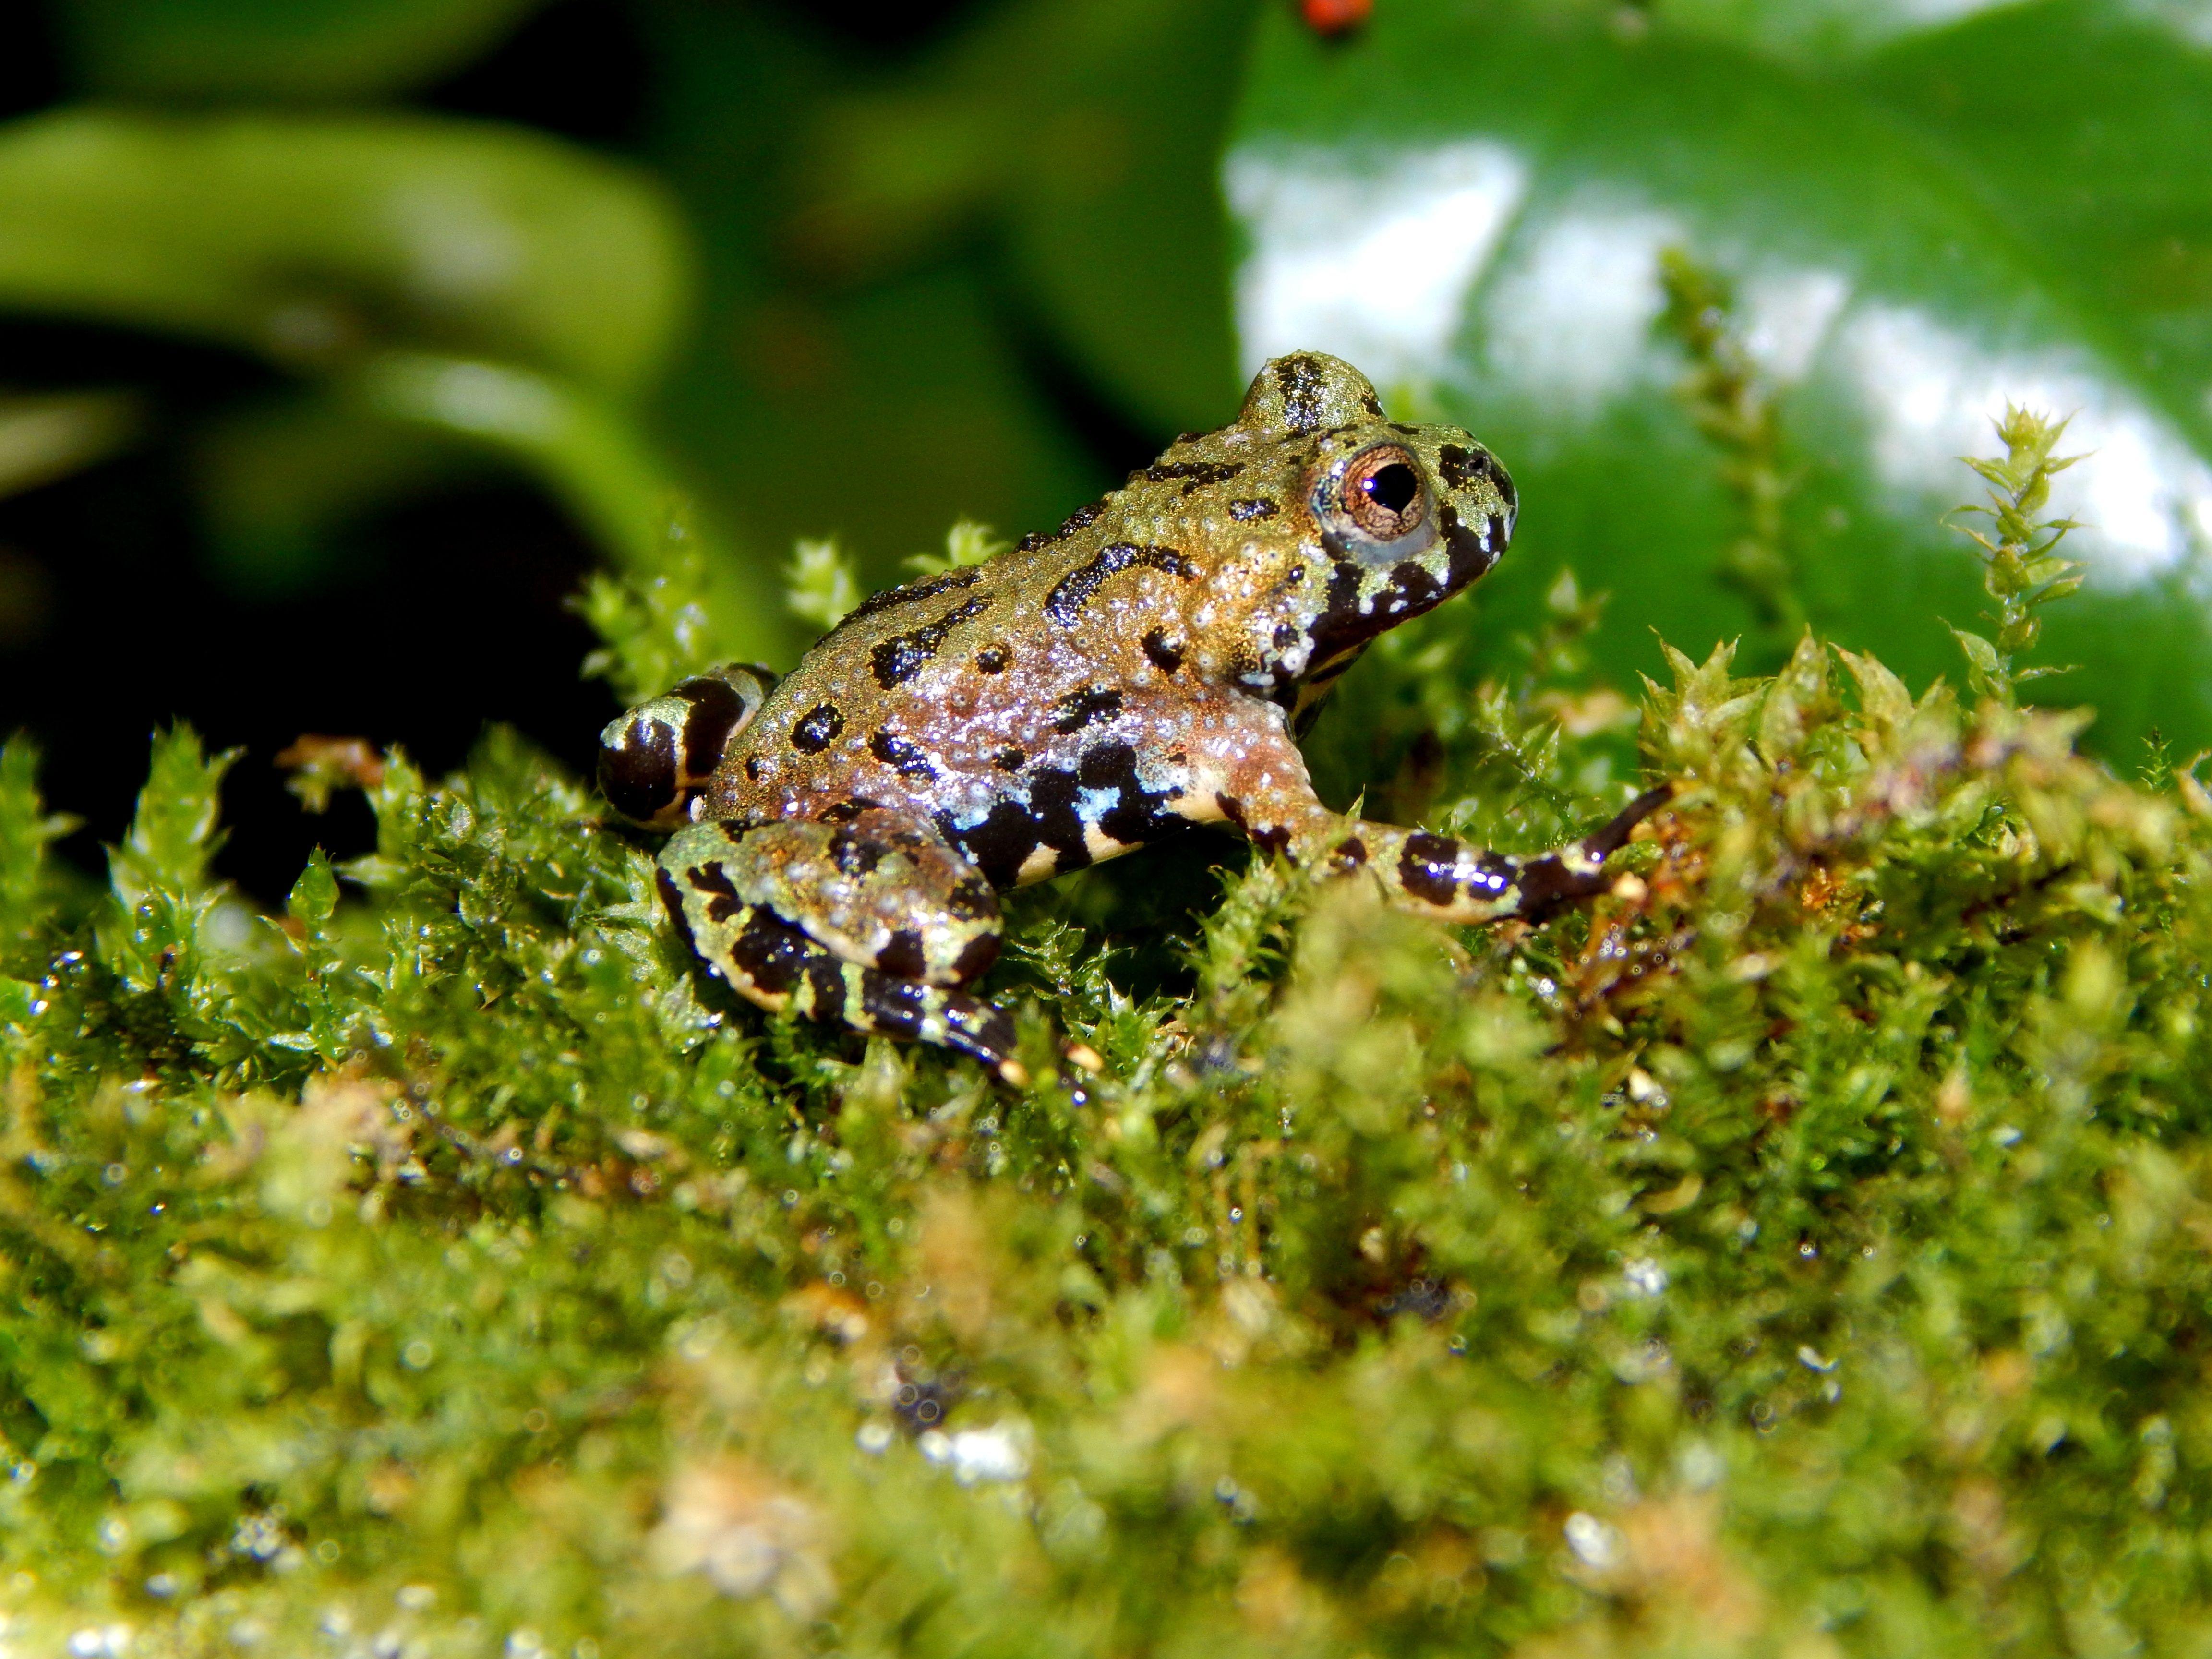 Pin på Groddjur amfibie